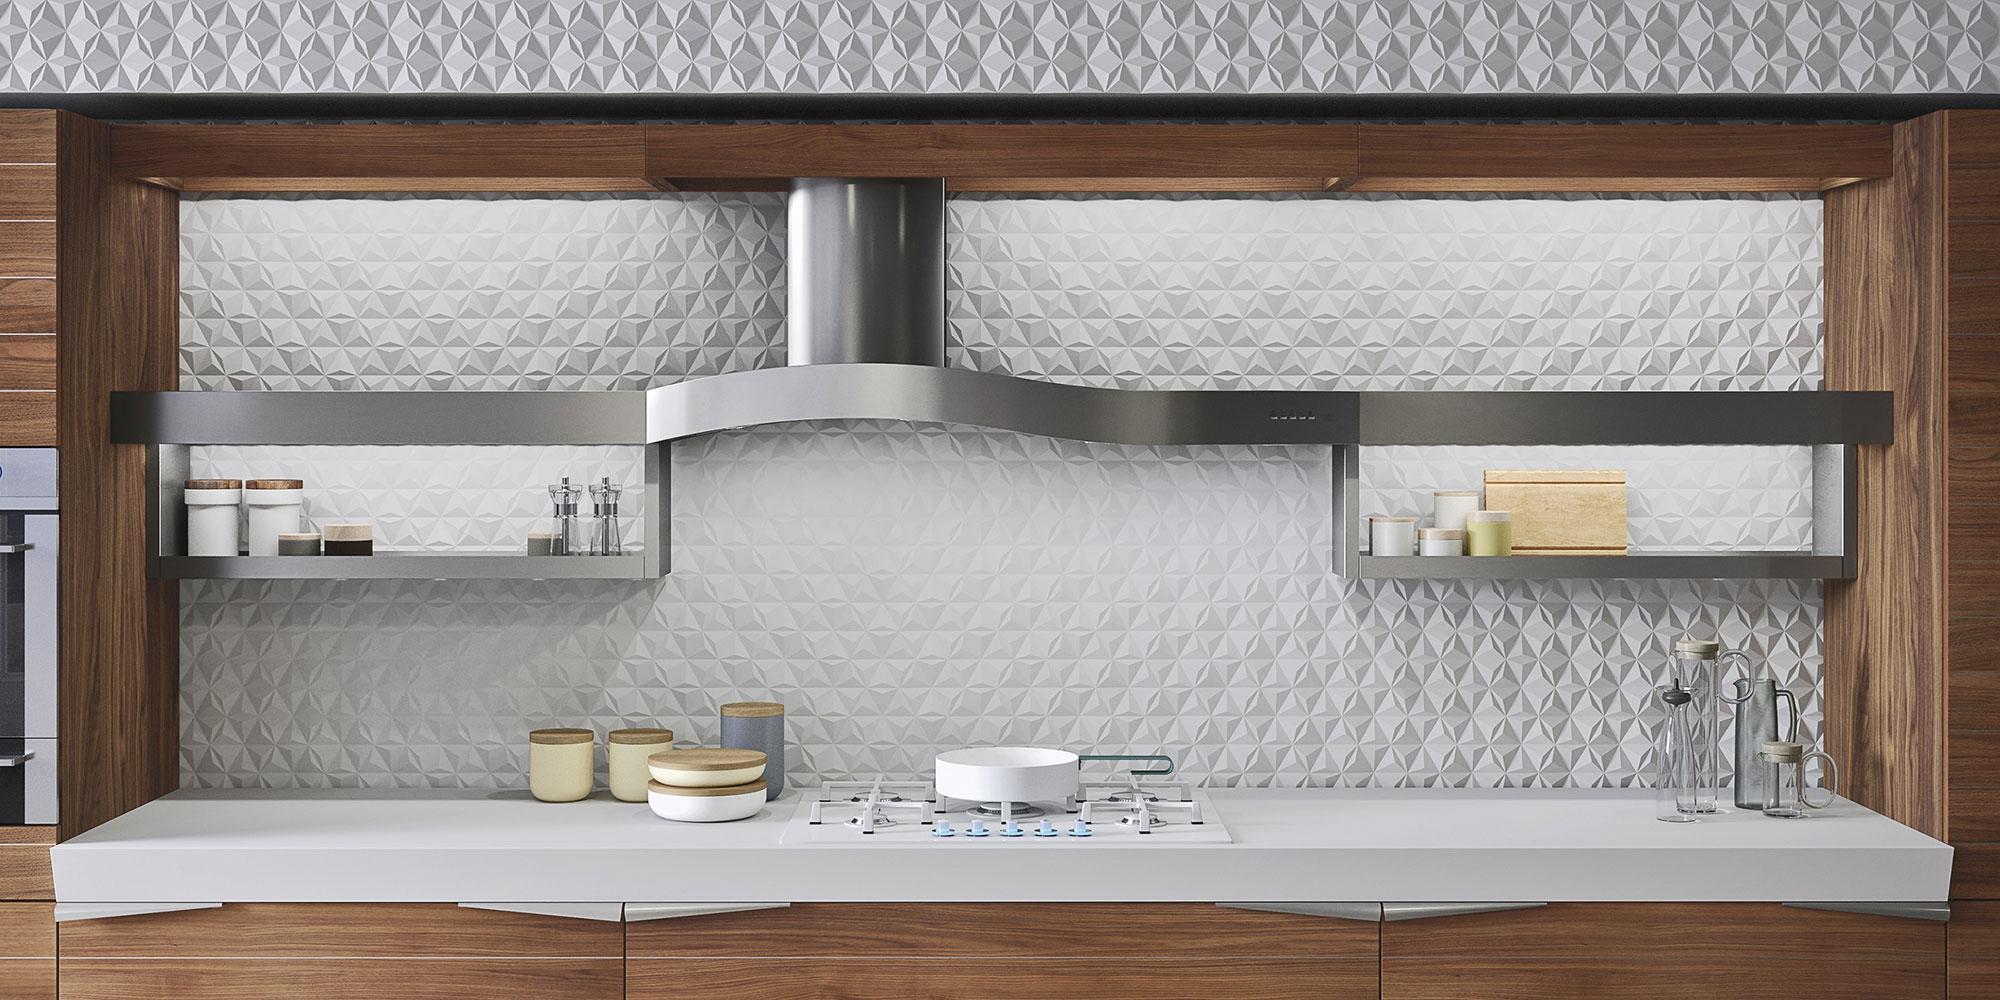 Современный дизайн кухонного гарнитура: вытяжка над плитой